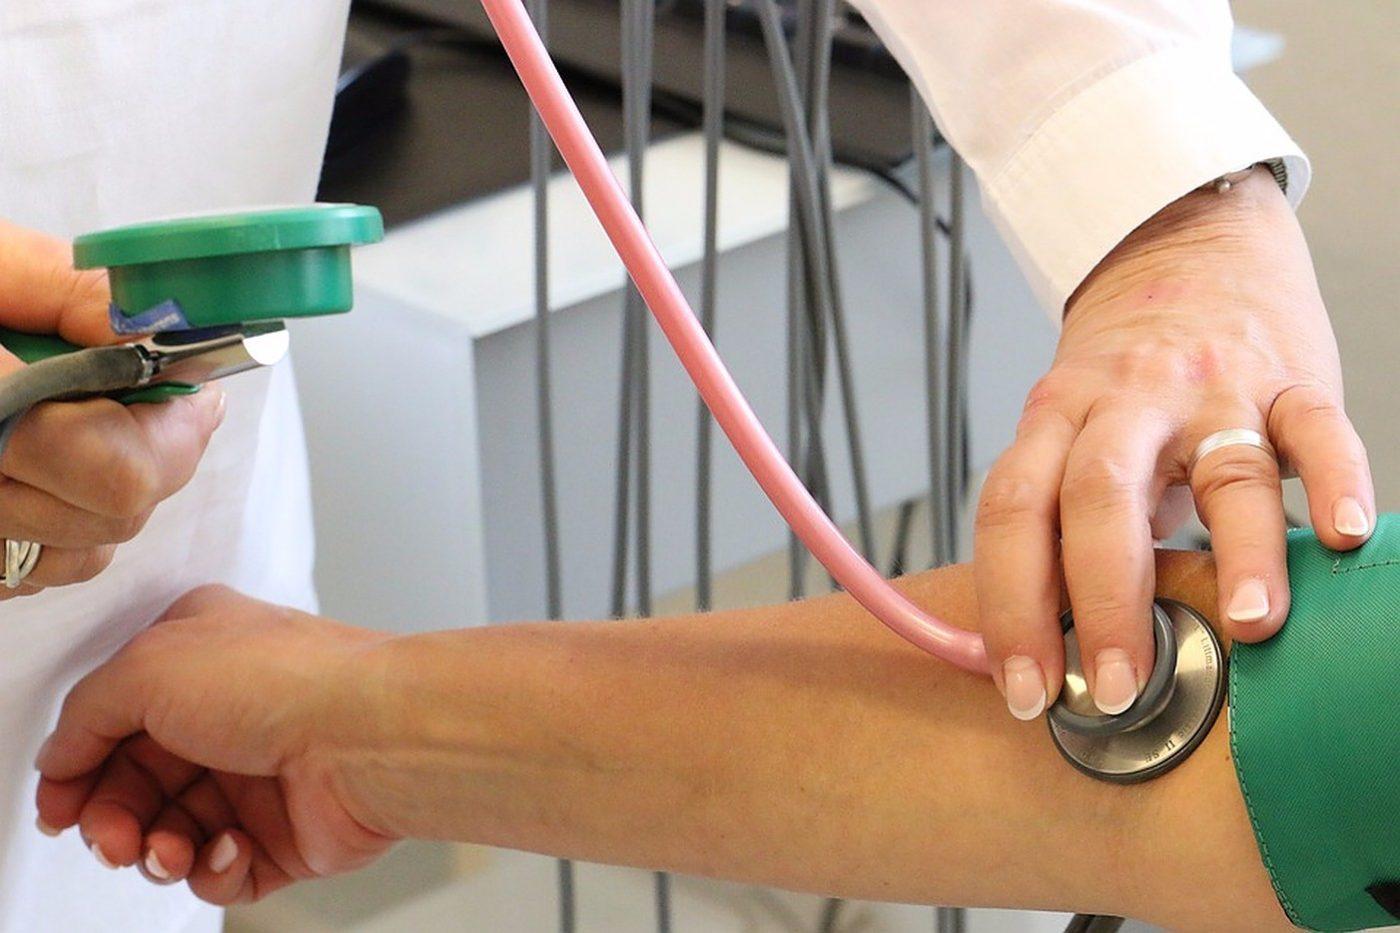 Prijeti vam hipertenzija? Neobični načini koji će vam pomoći sniziti krvni tlak